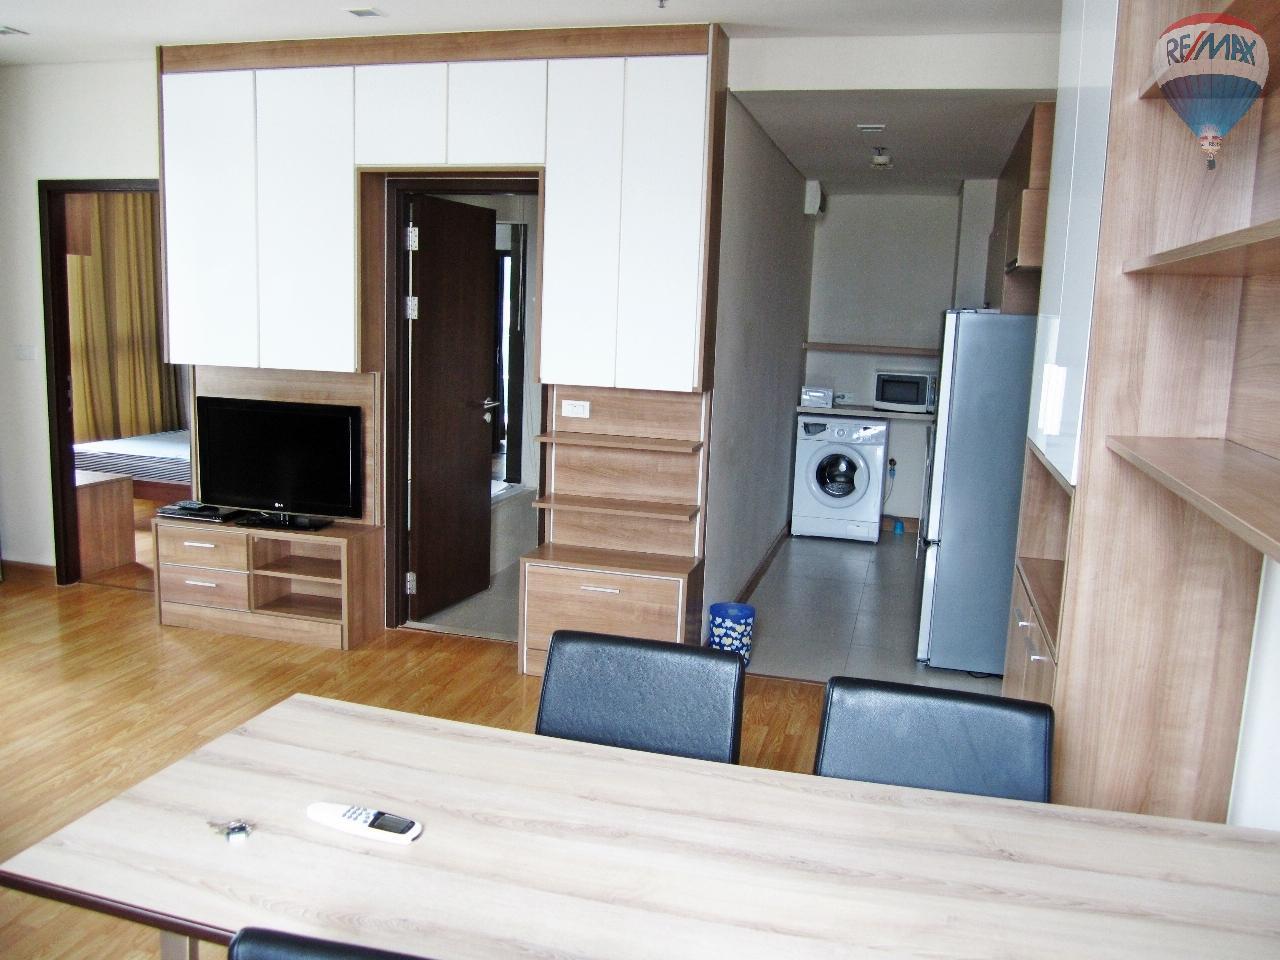 RE/MAX Properties Agency's Condominium for rent 1 bedroom 52 Sq.m. at Le Luk condominium  1